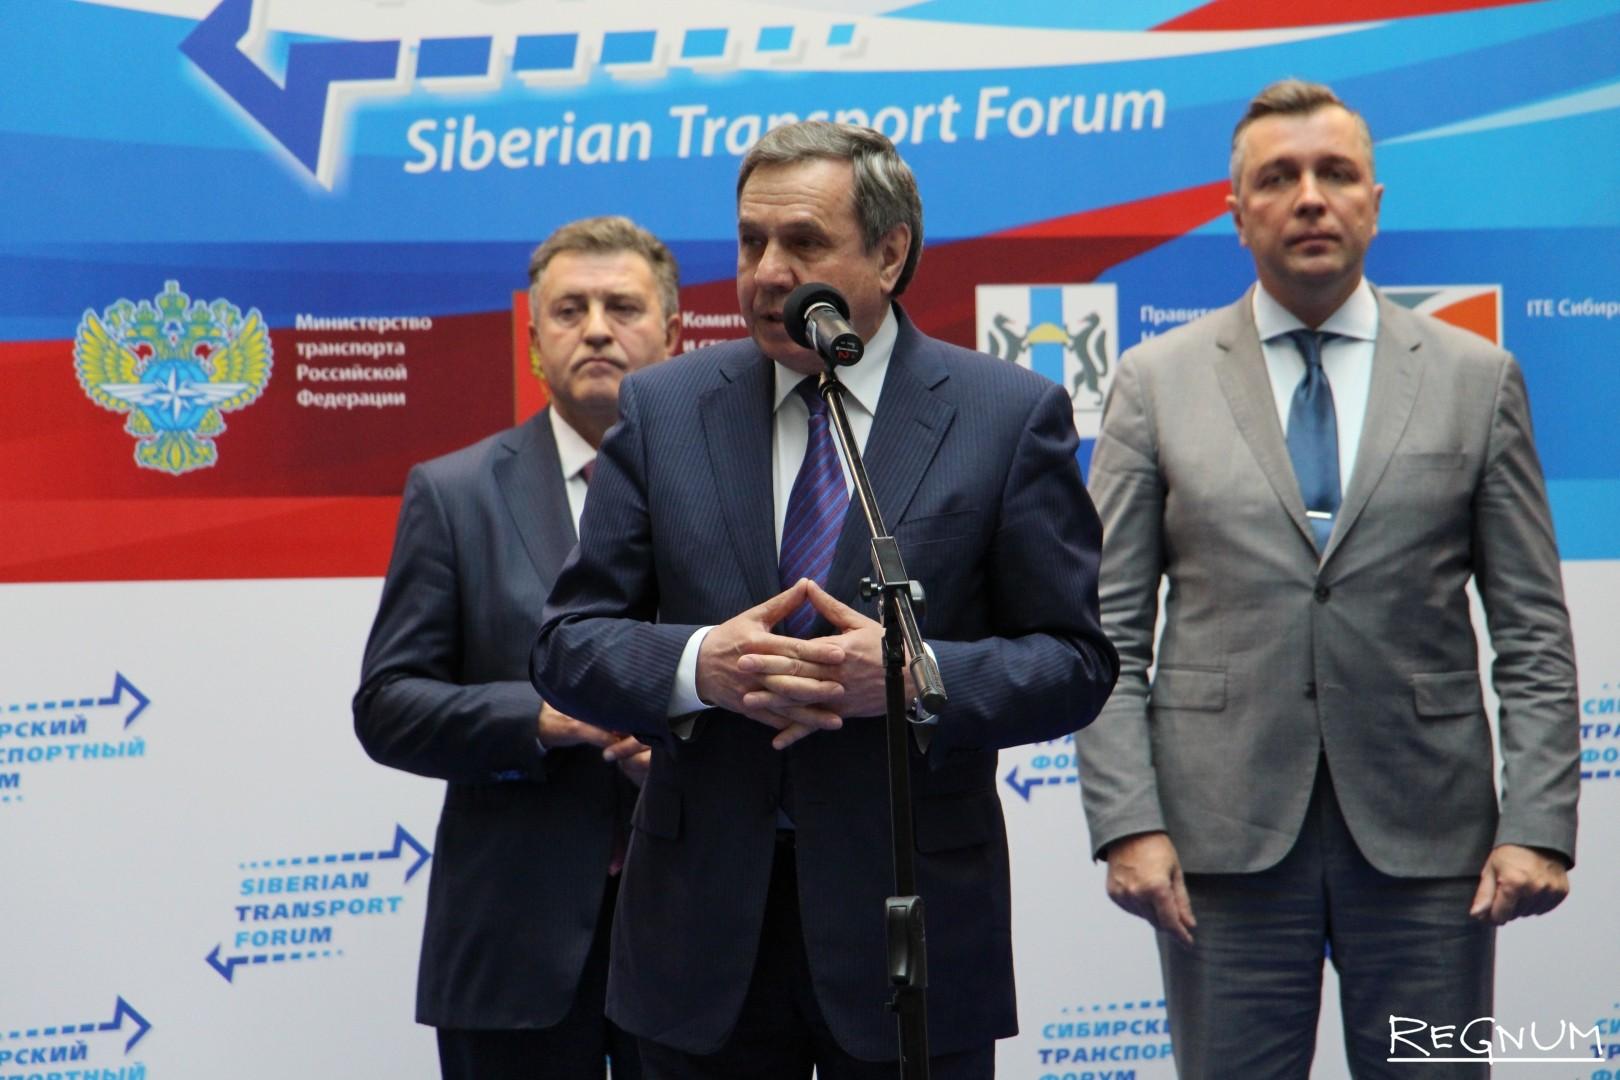 Помощник полпреда президента в Сибирском федеральном округе Владимир Городецкий на открытии Сибирского транспортного форума.